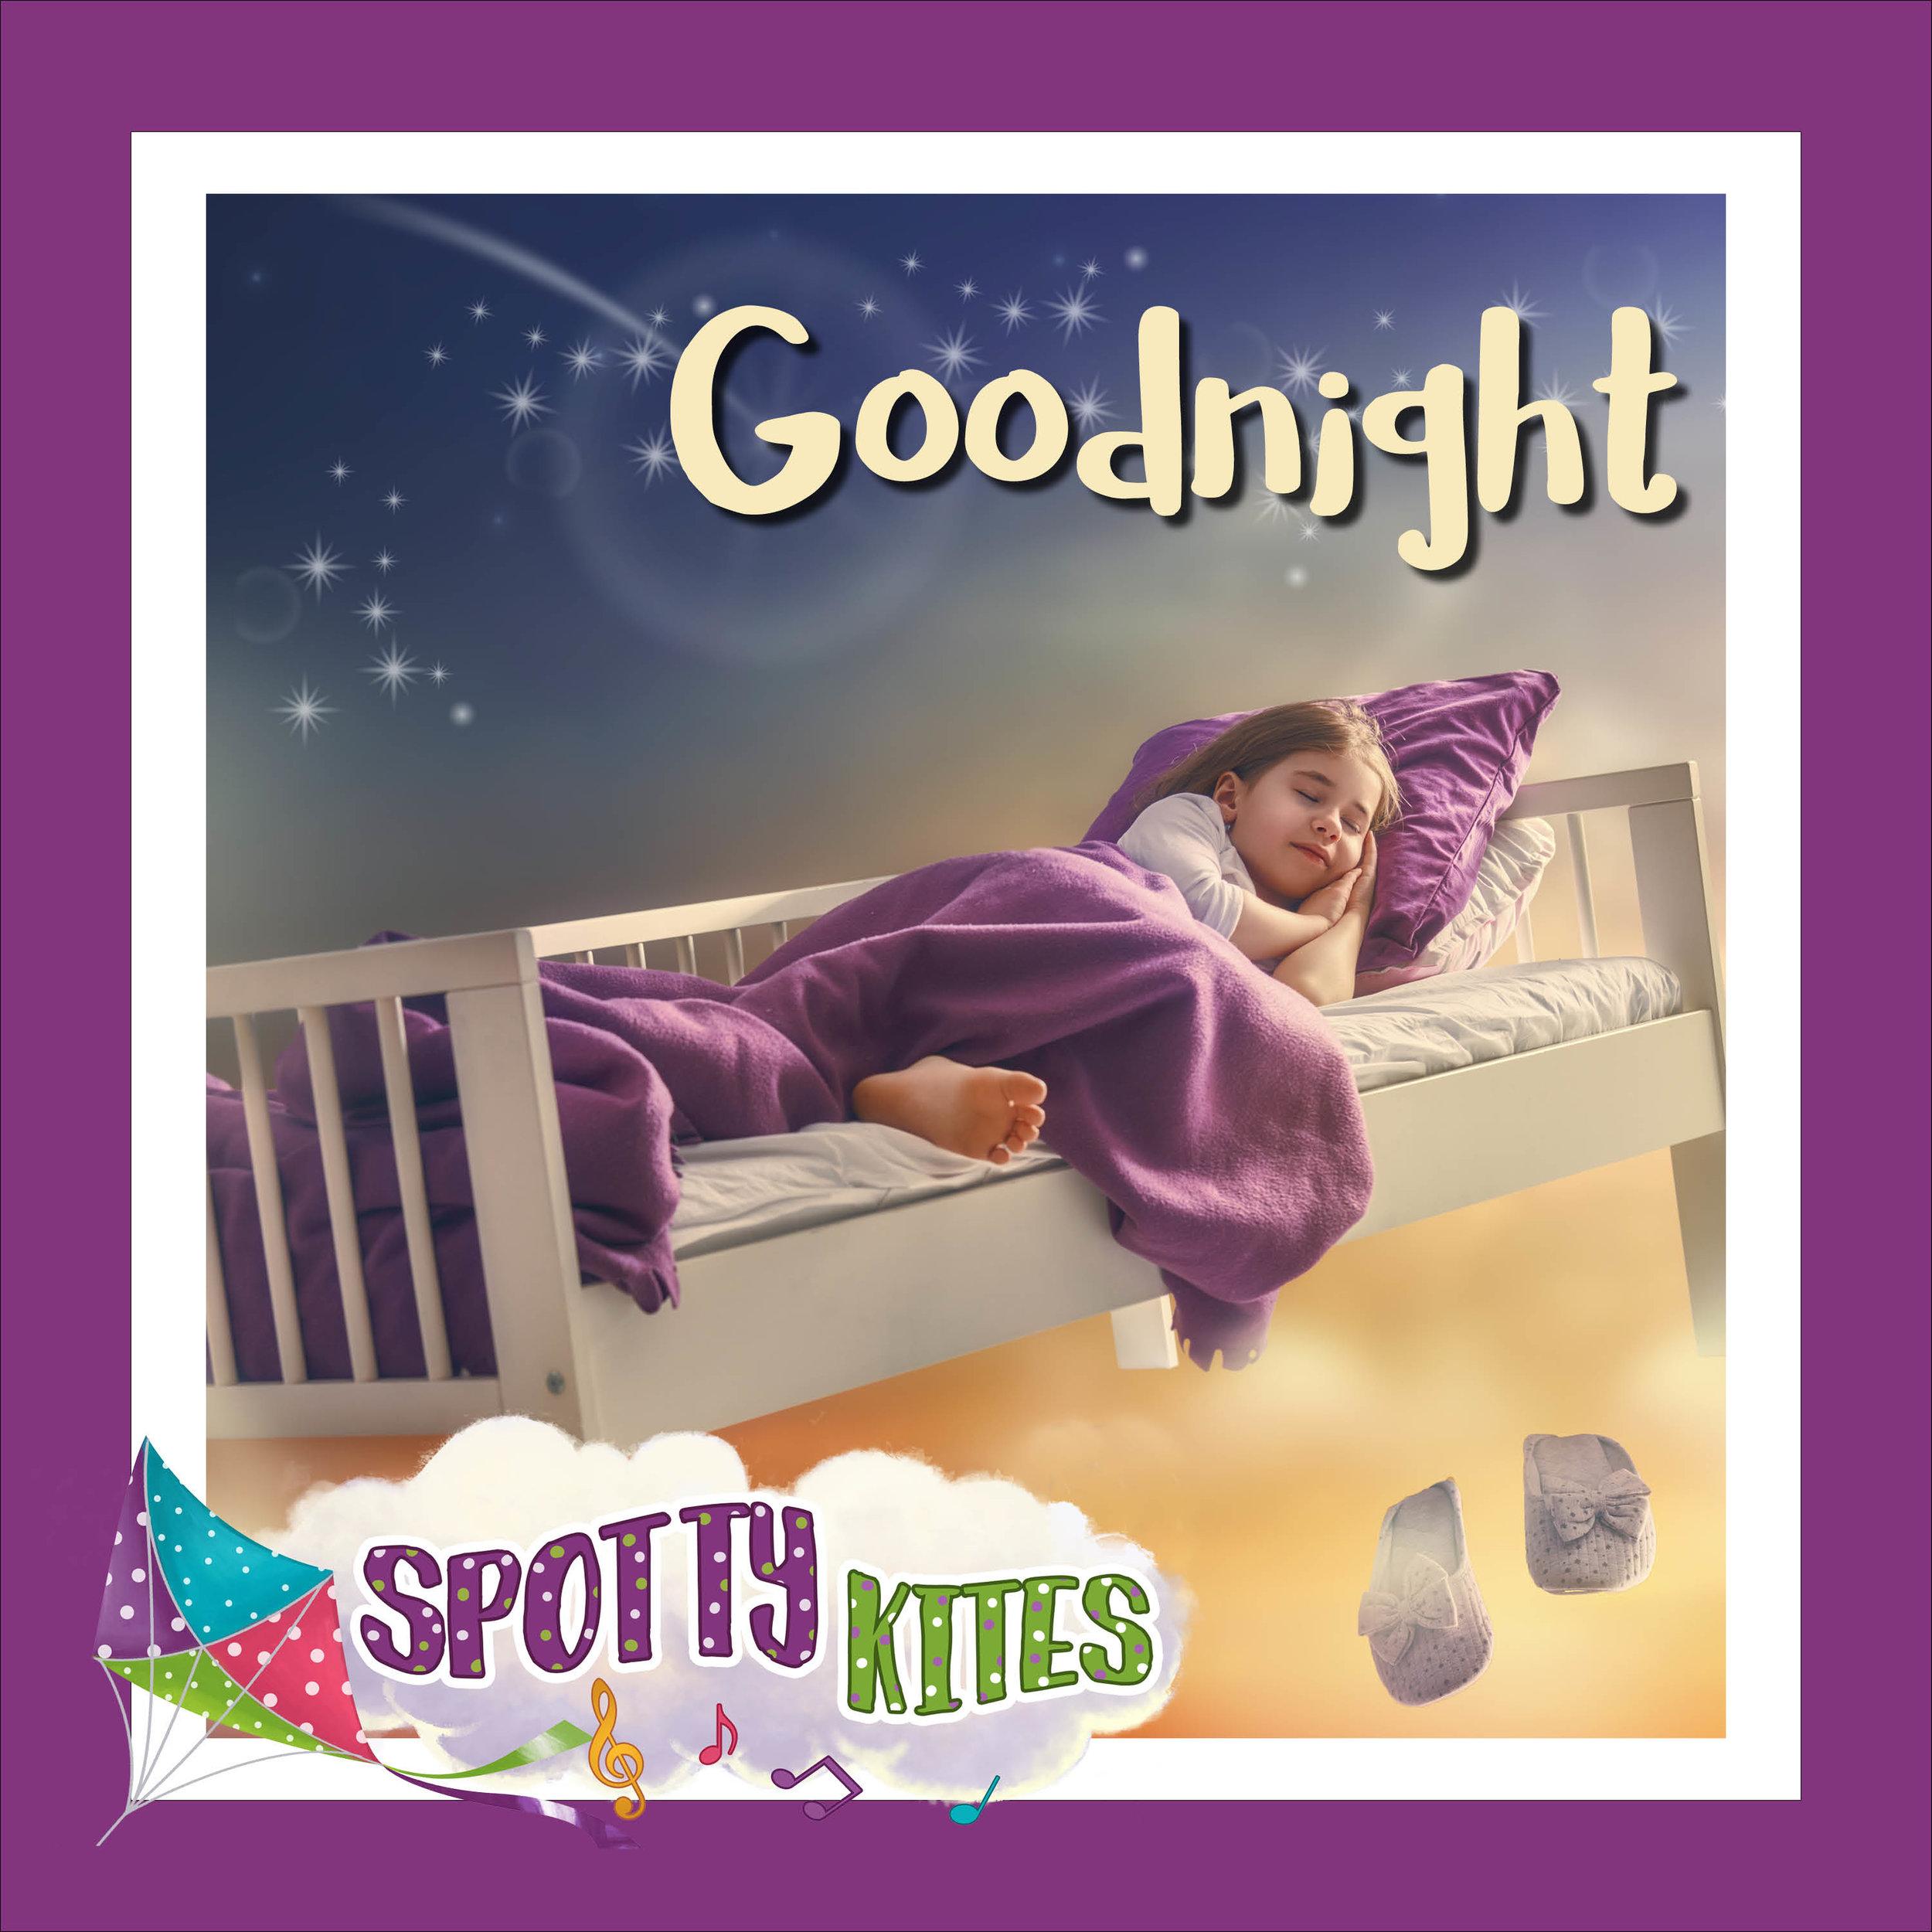 Spotty Kites Goodnight.jpg